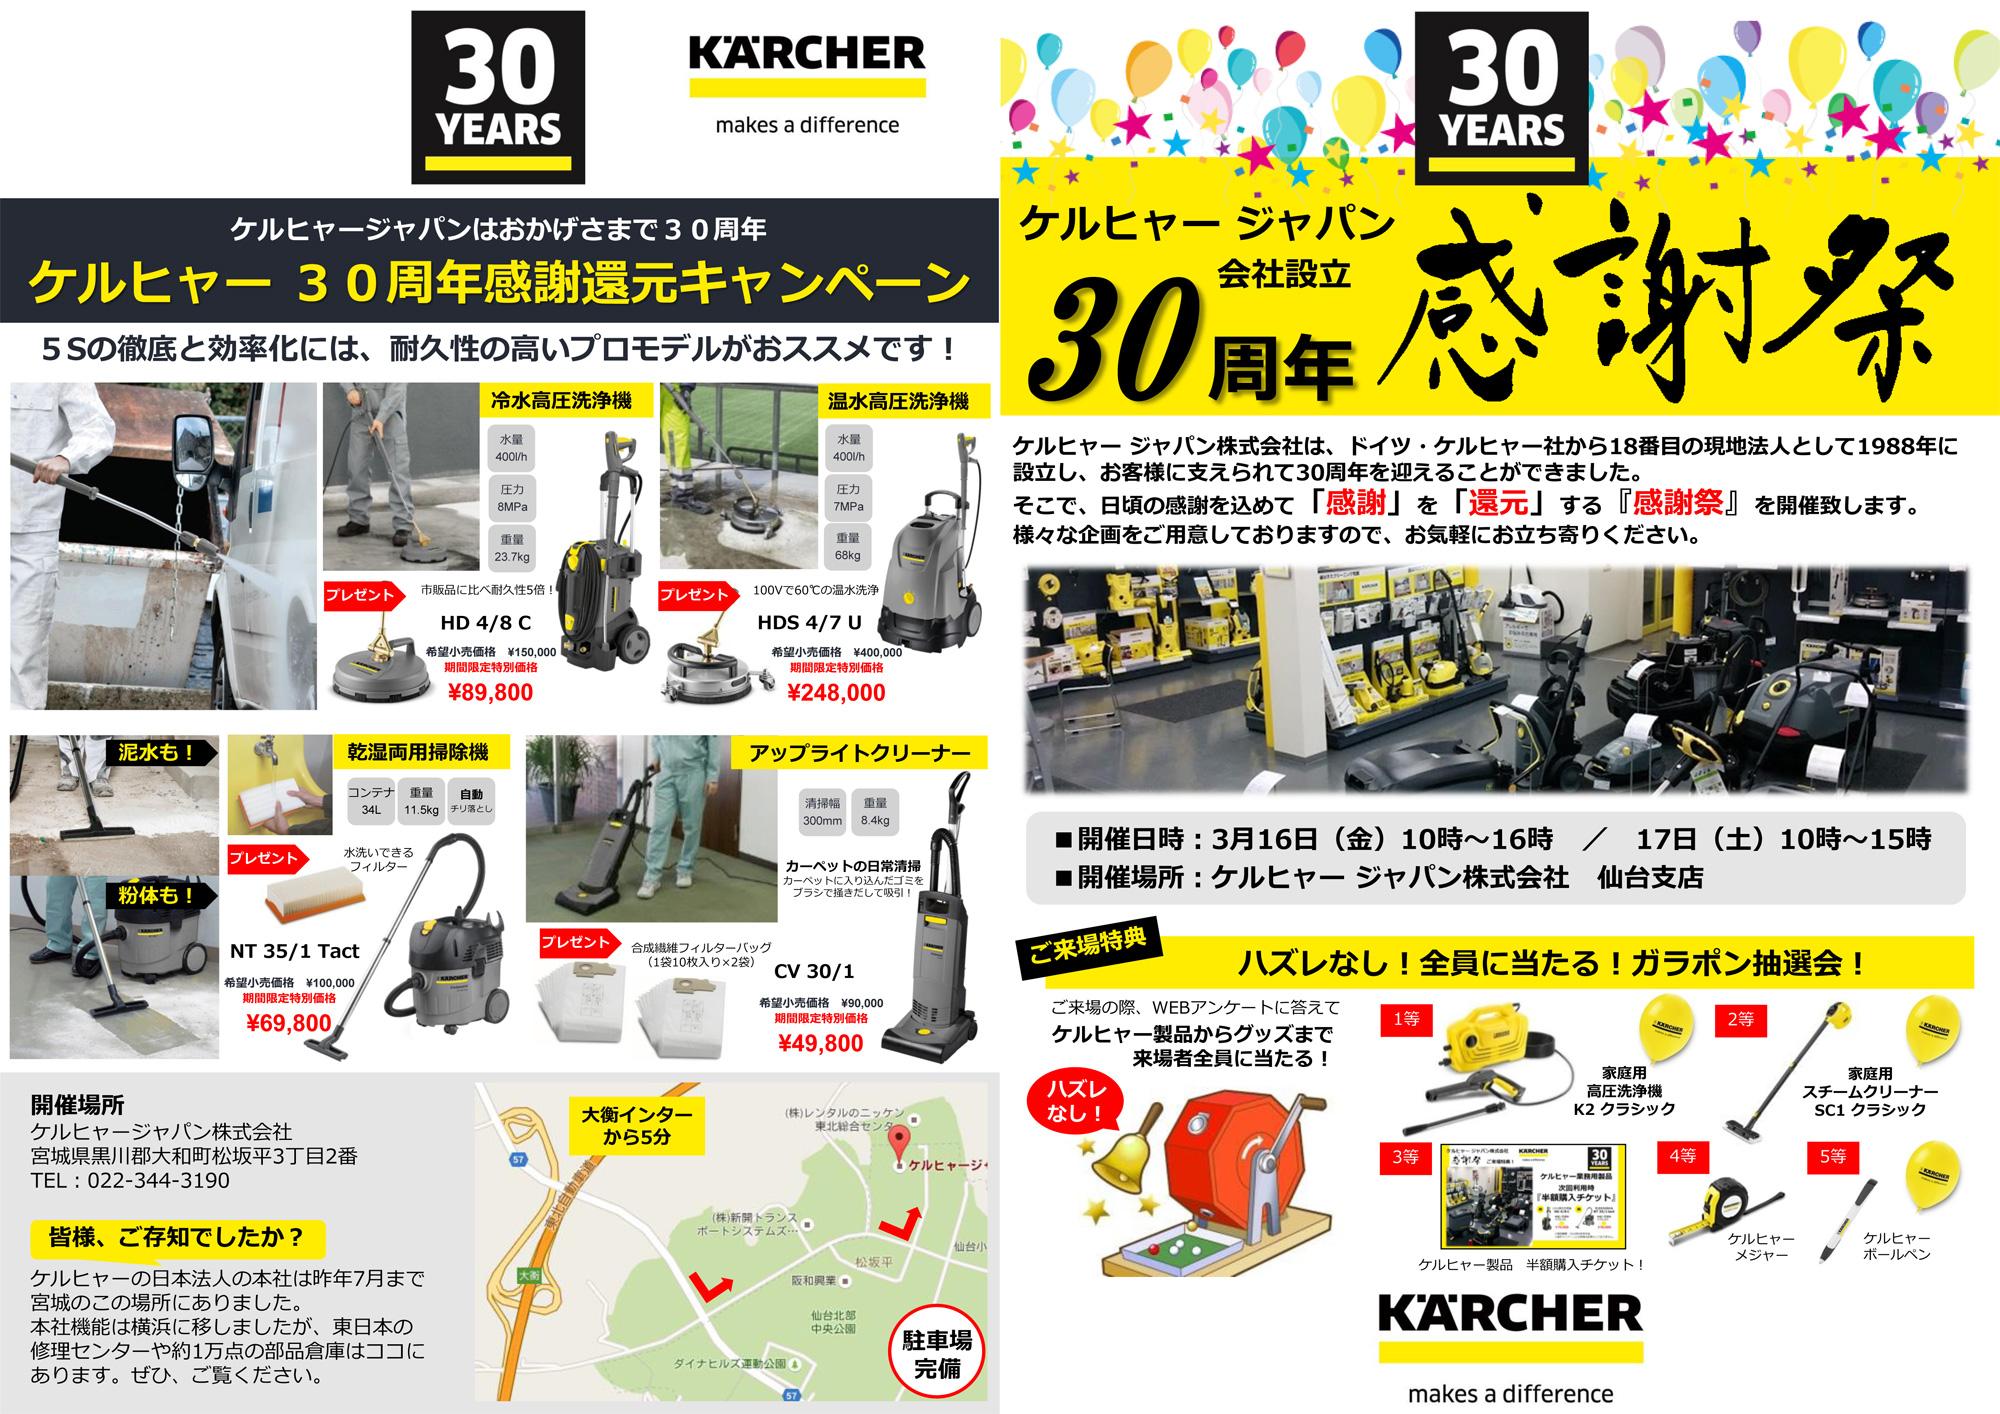 ケルヒャー ジャパン30周年感謝祭 仙台支店